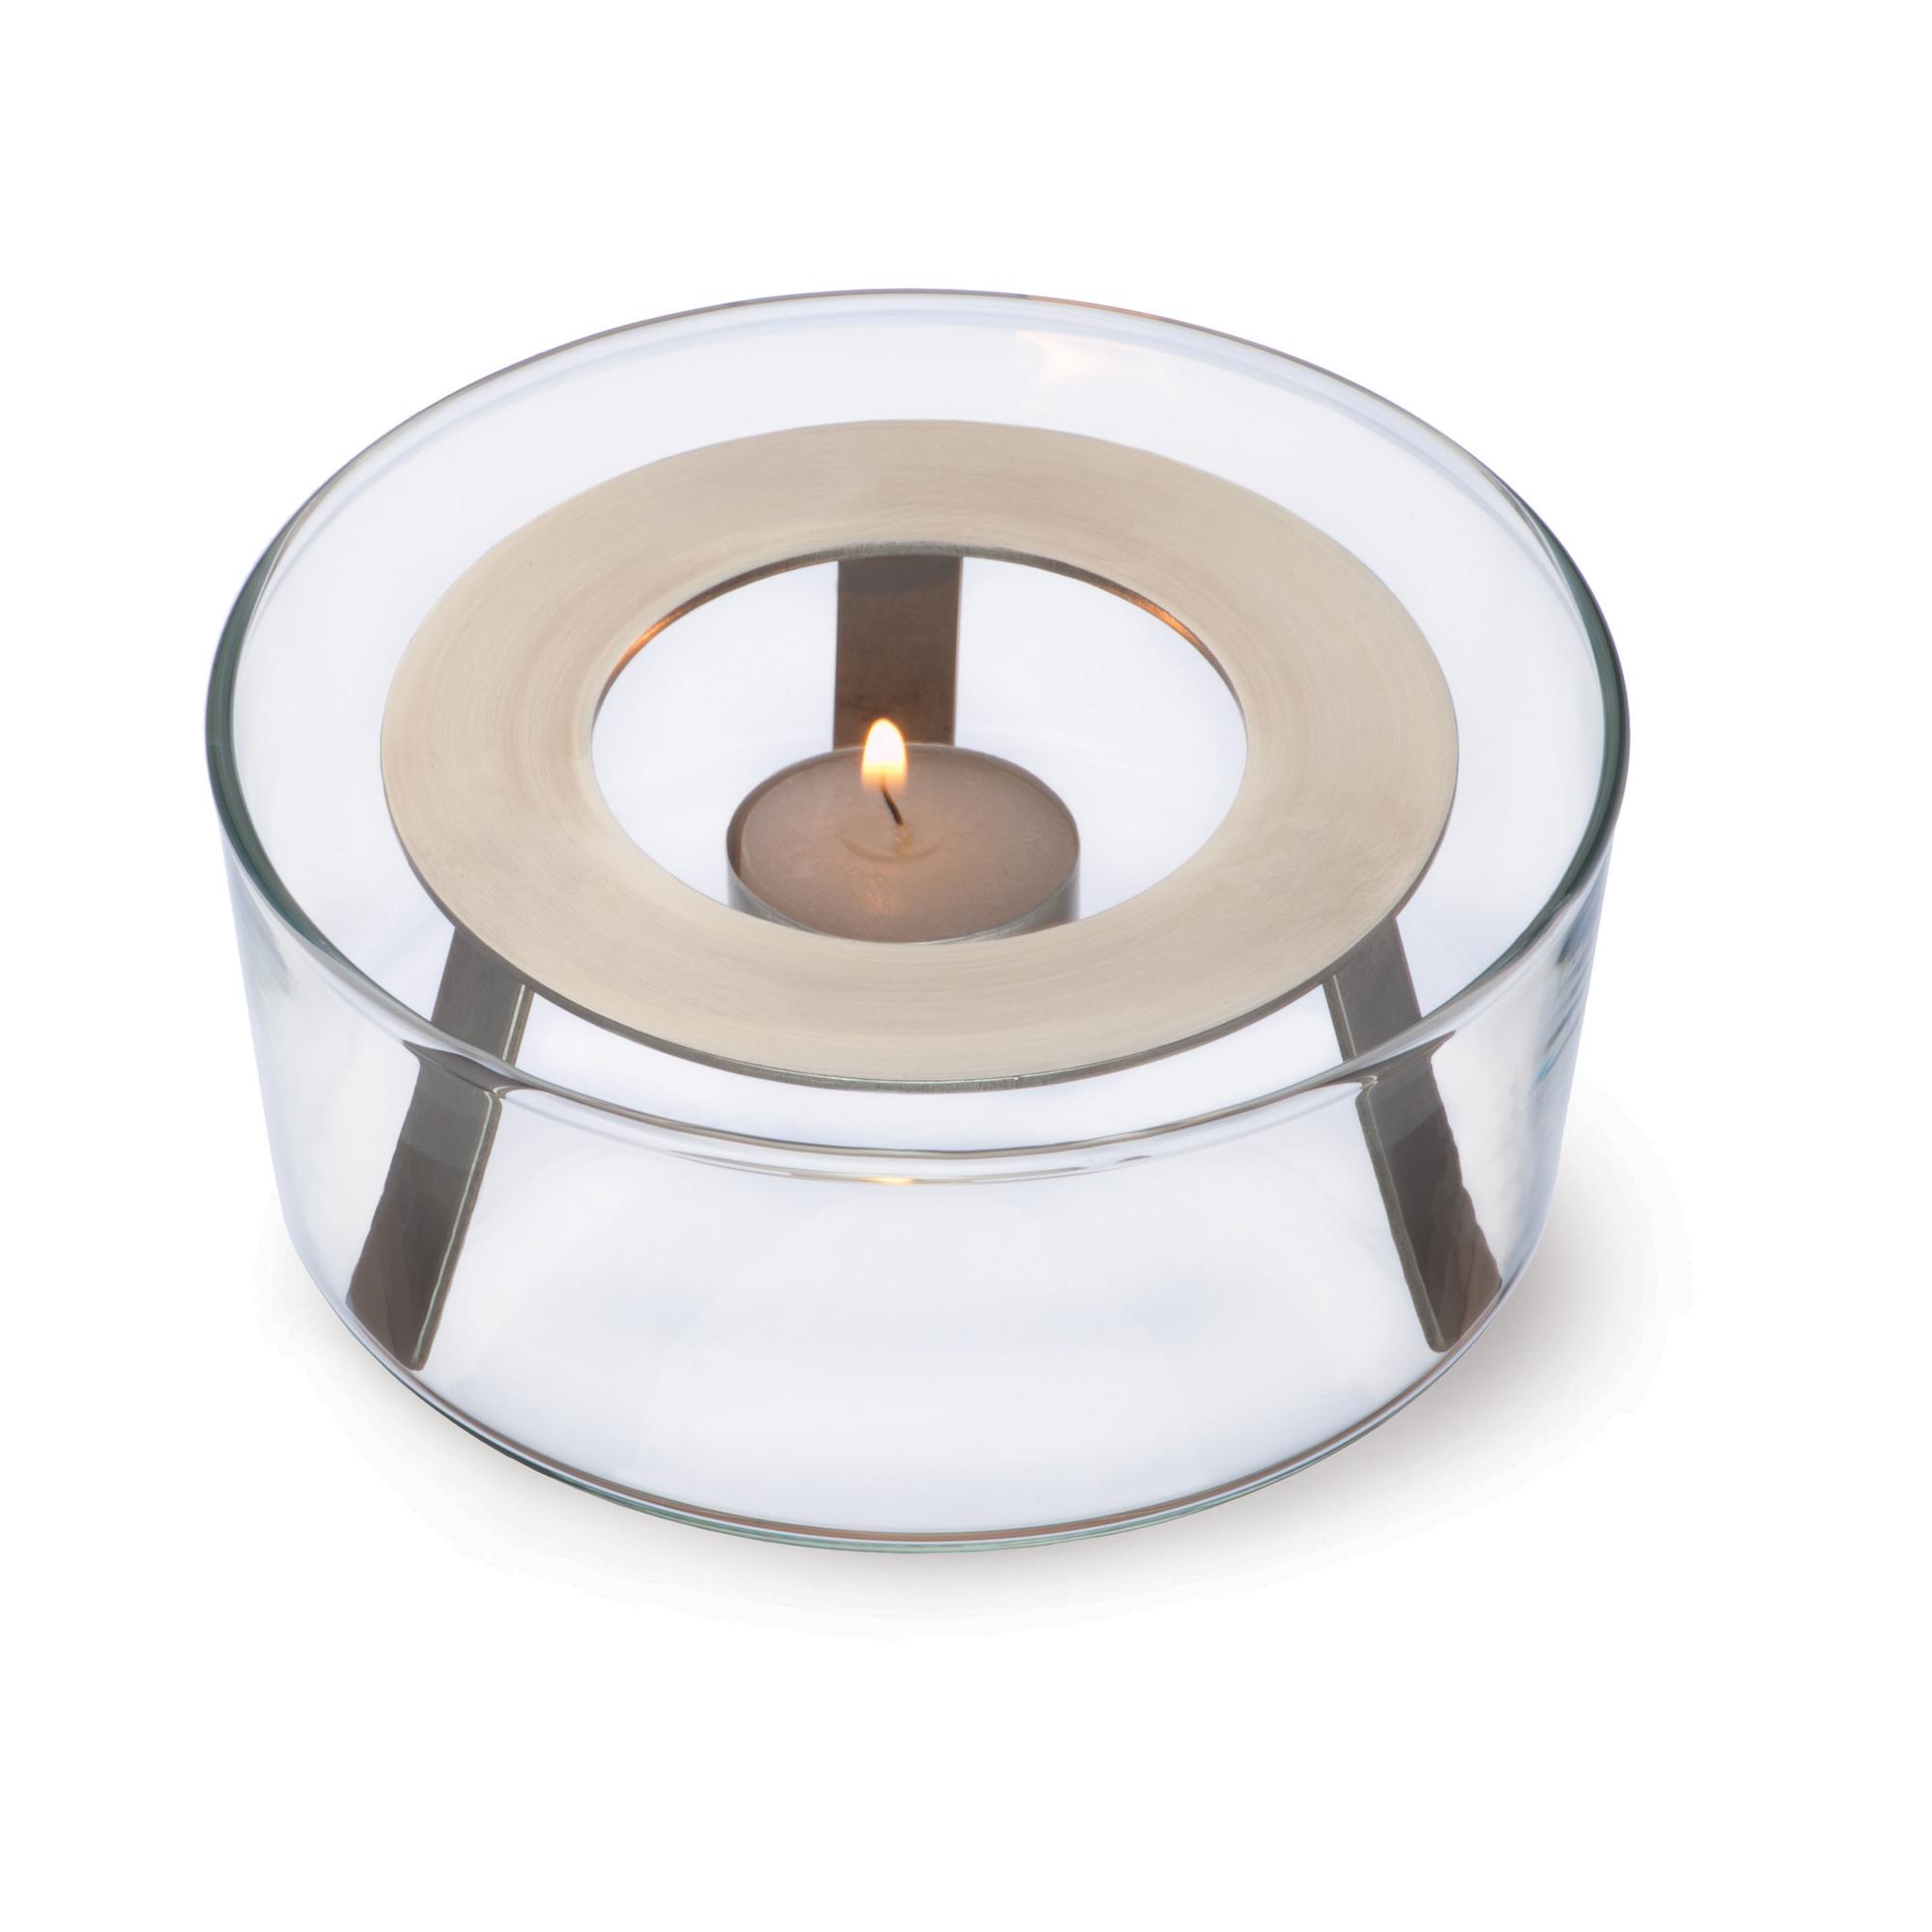 Фото - Подставка для чайника Simax classic 15х15х6 см миска simax simax classic 1 5л жаропрочное стекло л5899